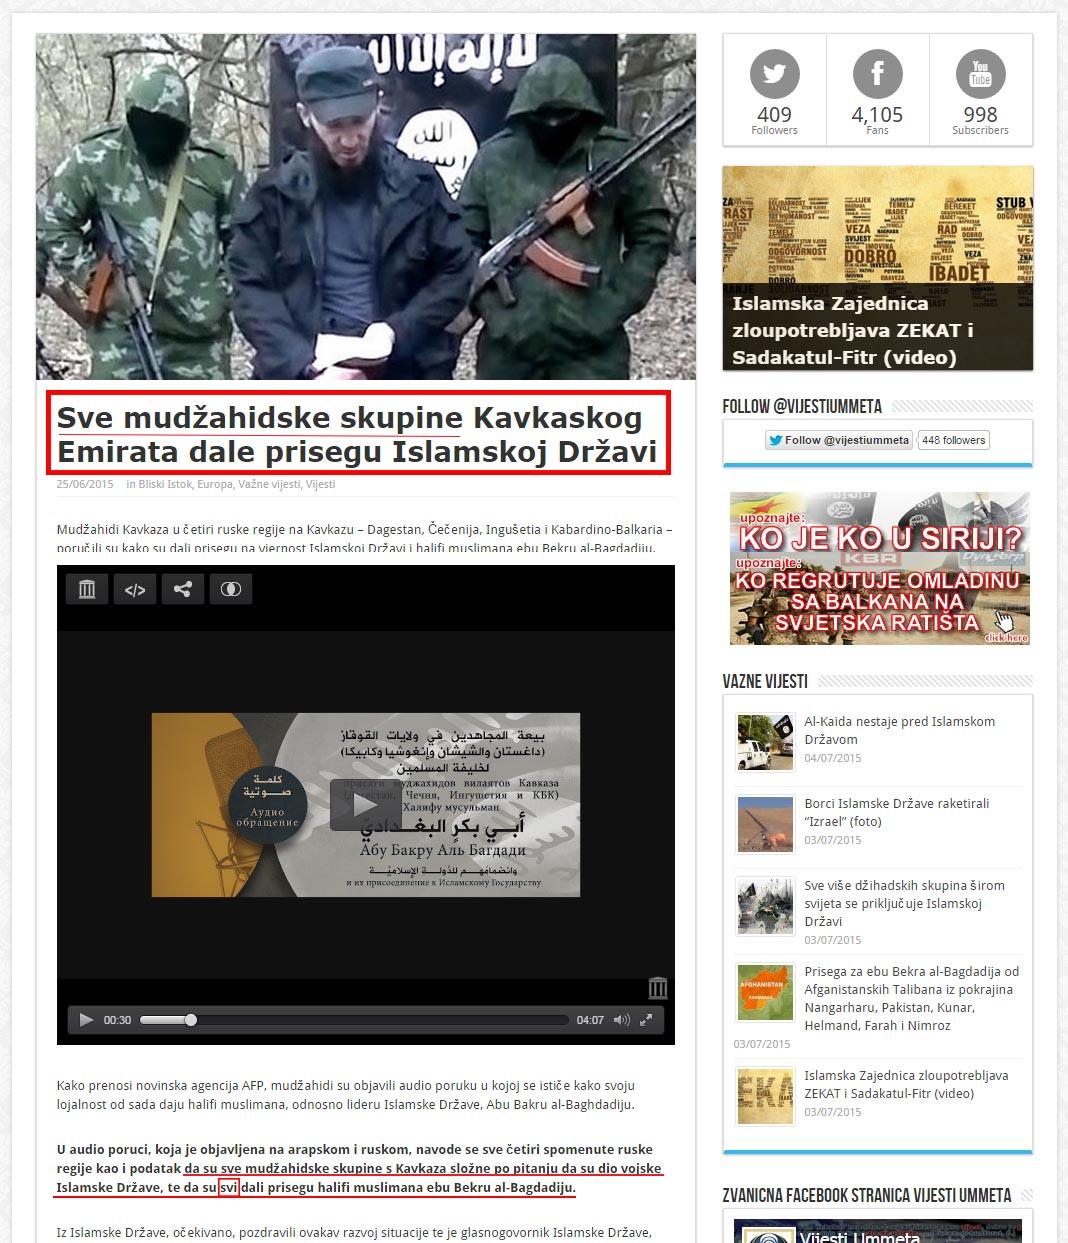 Propagandna laž da su sve mudžahidske skupine dale prisegu vodji IDIŠ-a